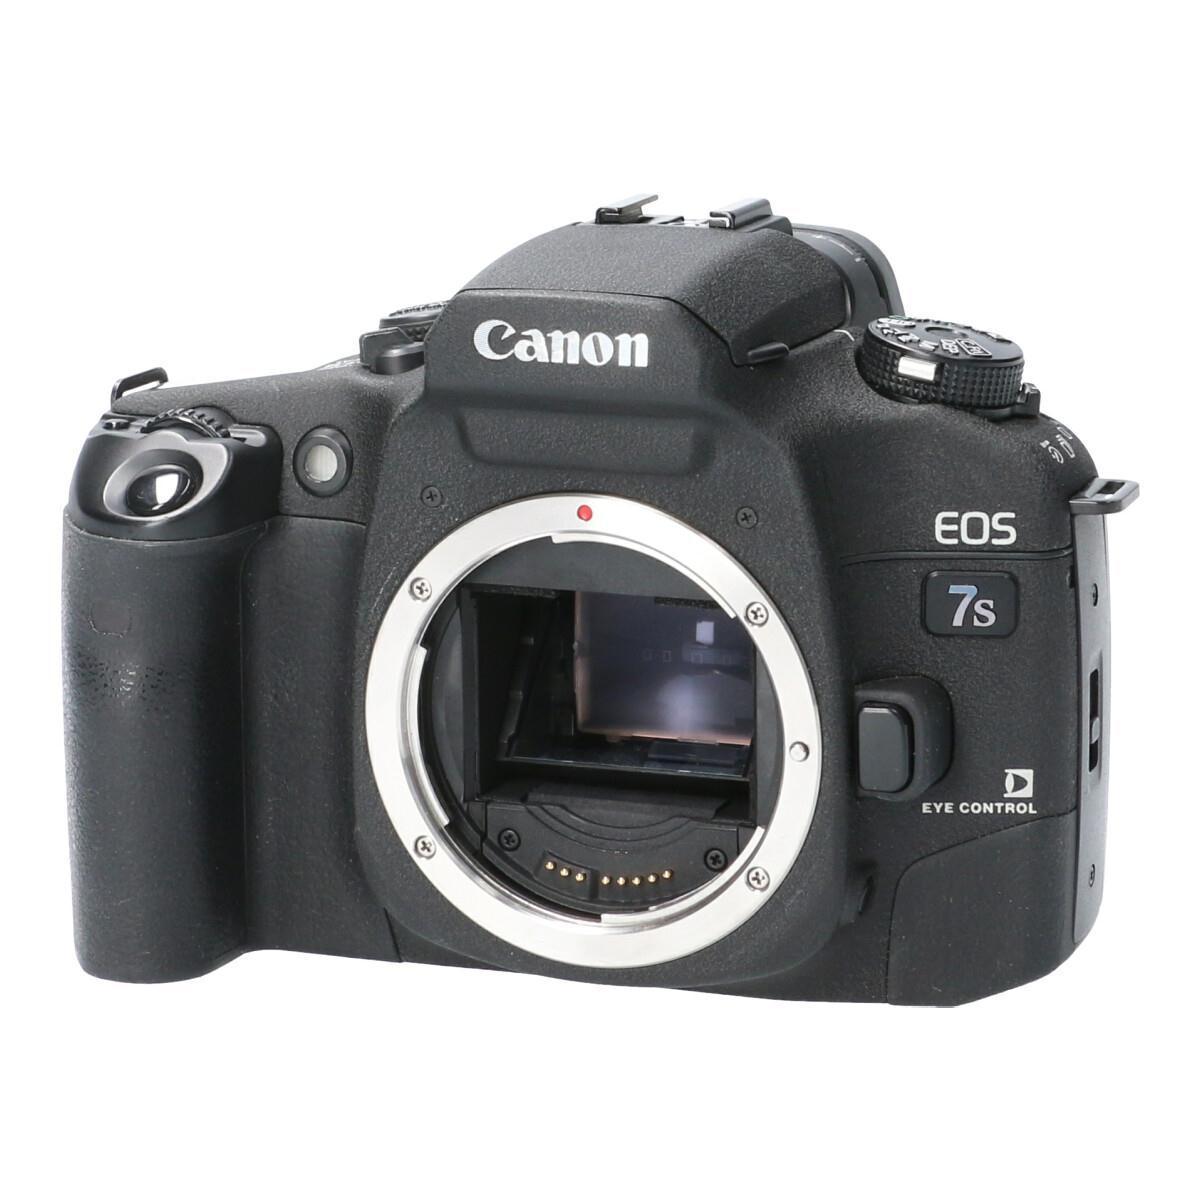 フィルムカメラ, フィルム一眼レフカメラ CANON EOS 7S